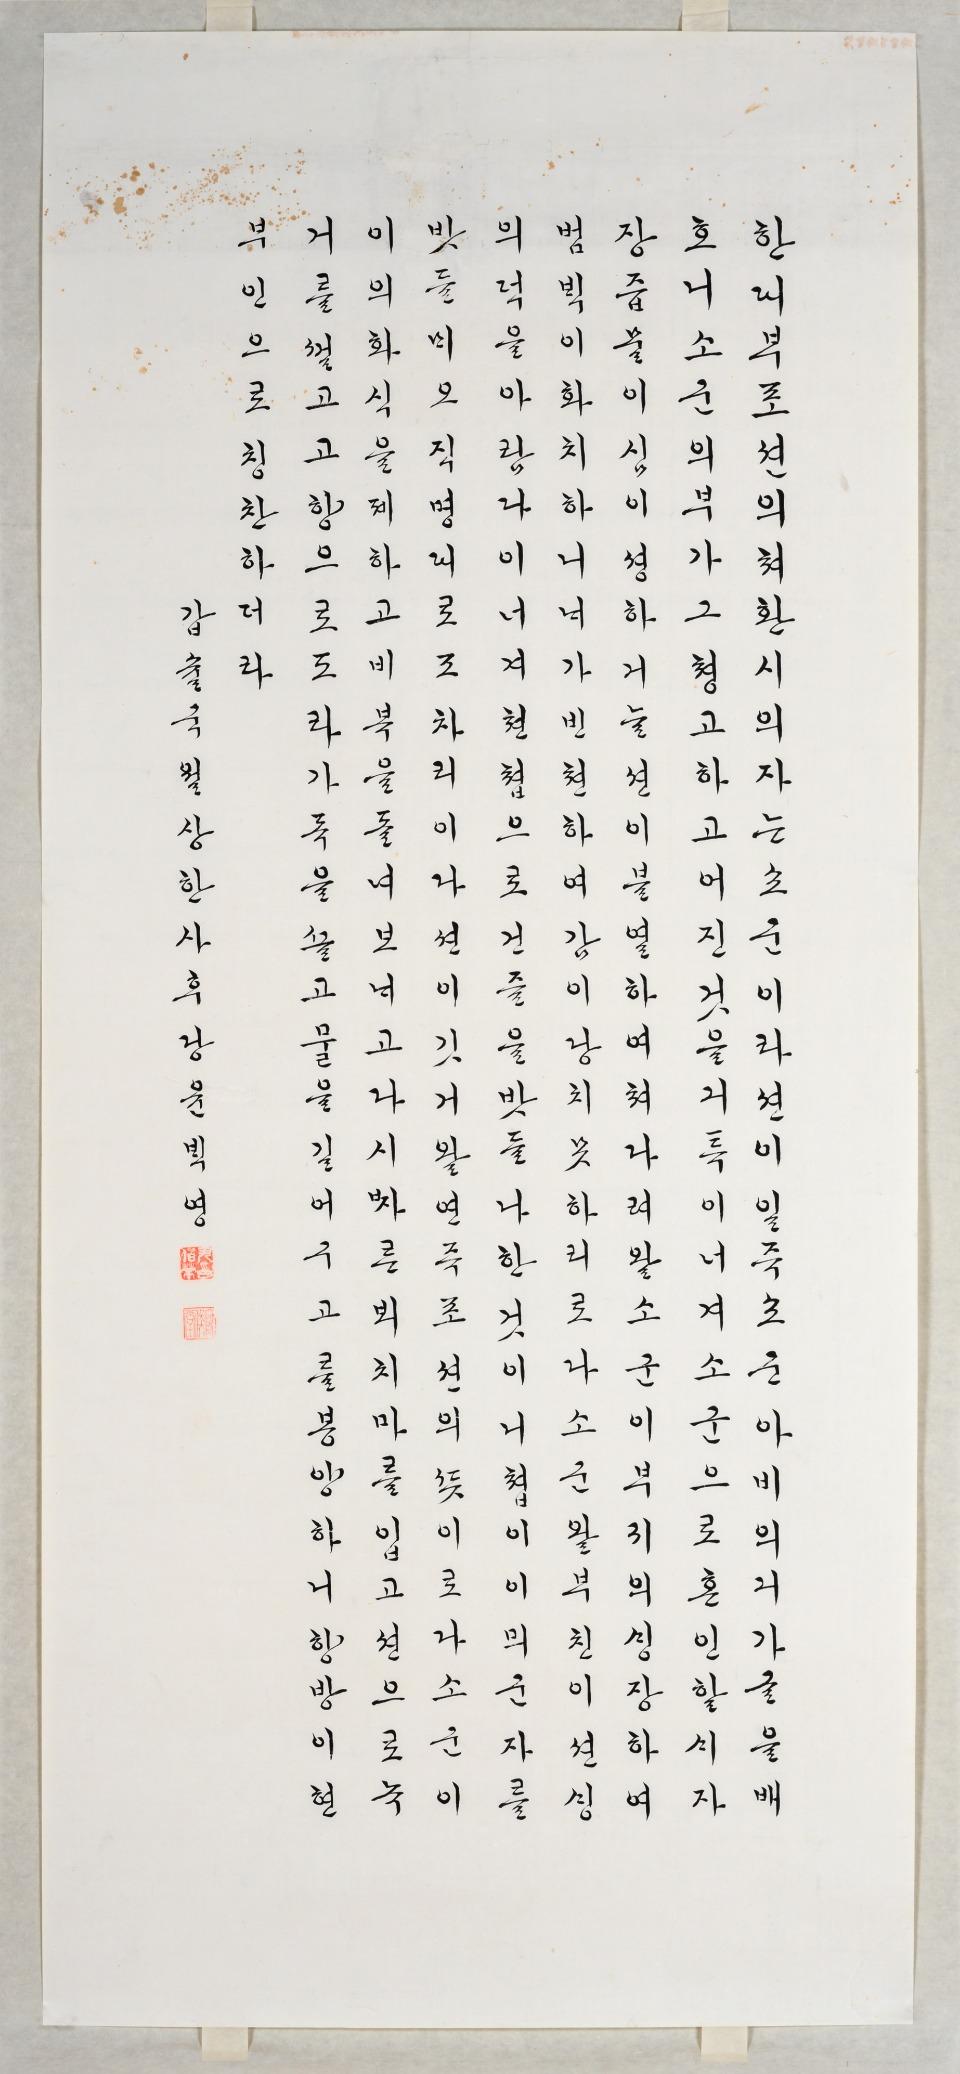 문화재청(청장 정재숙)은 조선의 마지막 공주인 덕온공주가 한글로 쓴 「자경전기(慈慶殿記)」와 「규훈(閨訓)」을 비롯한 〈덕온공주 집안의 한글자료〉를 지난해 11월 미국에서 매입해 국내로 들여왔다. <br/> 윤백영(1888~1986)이 47세 되던 1934년에 환소군(桓少君)의 전기를 궁체로 쓴 작품이다. 환소군은 서한(西漢) 포선(鮑宣)의 처로, 검소하고 어질며 사리에 밝았다고 전한다. <br/> 윤백영은 한글 궁체로는 처음으로 조선미술전람회(1929년, 1931년)에 입선하였으며, 전통적인 한글 궁체가 현대의 예술 작품으로 연결되는 과도기에 가교 역할을 하였던 인물로 평가되고 있다.